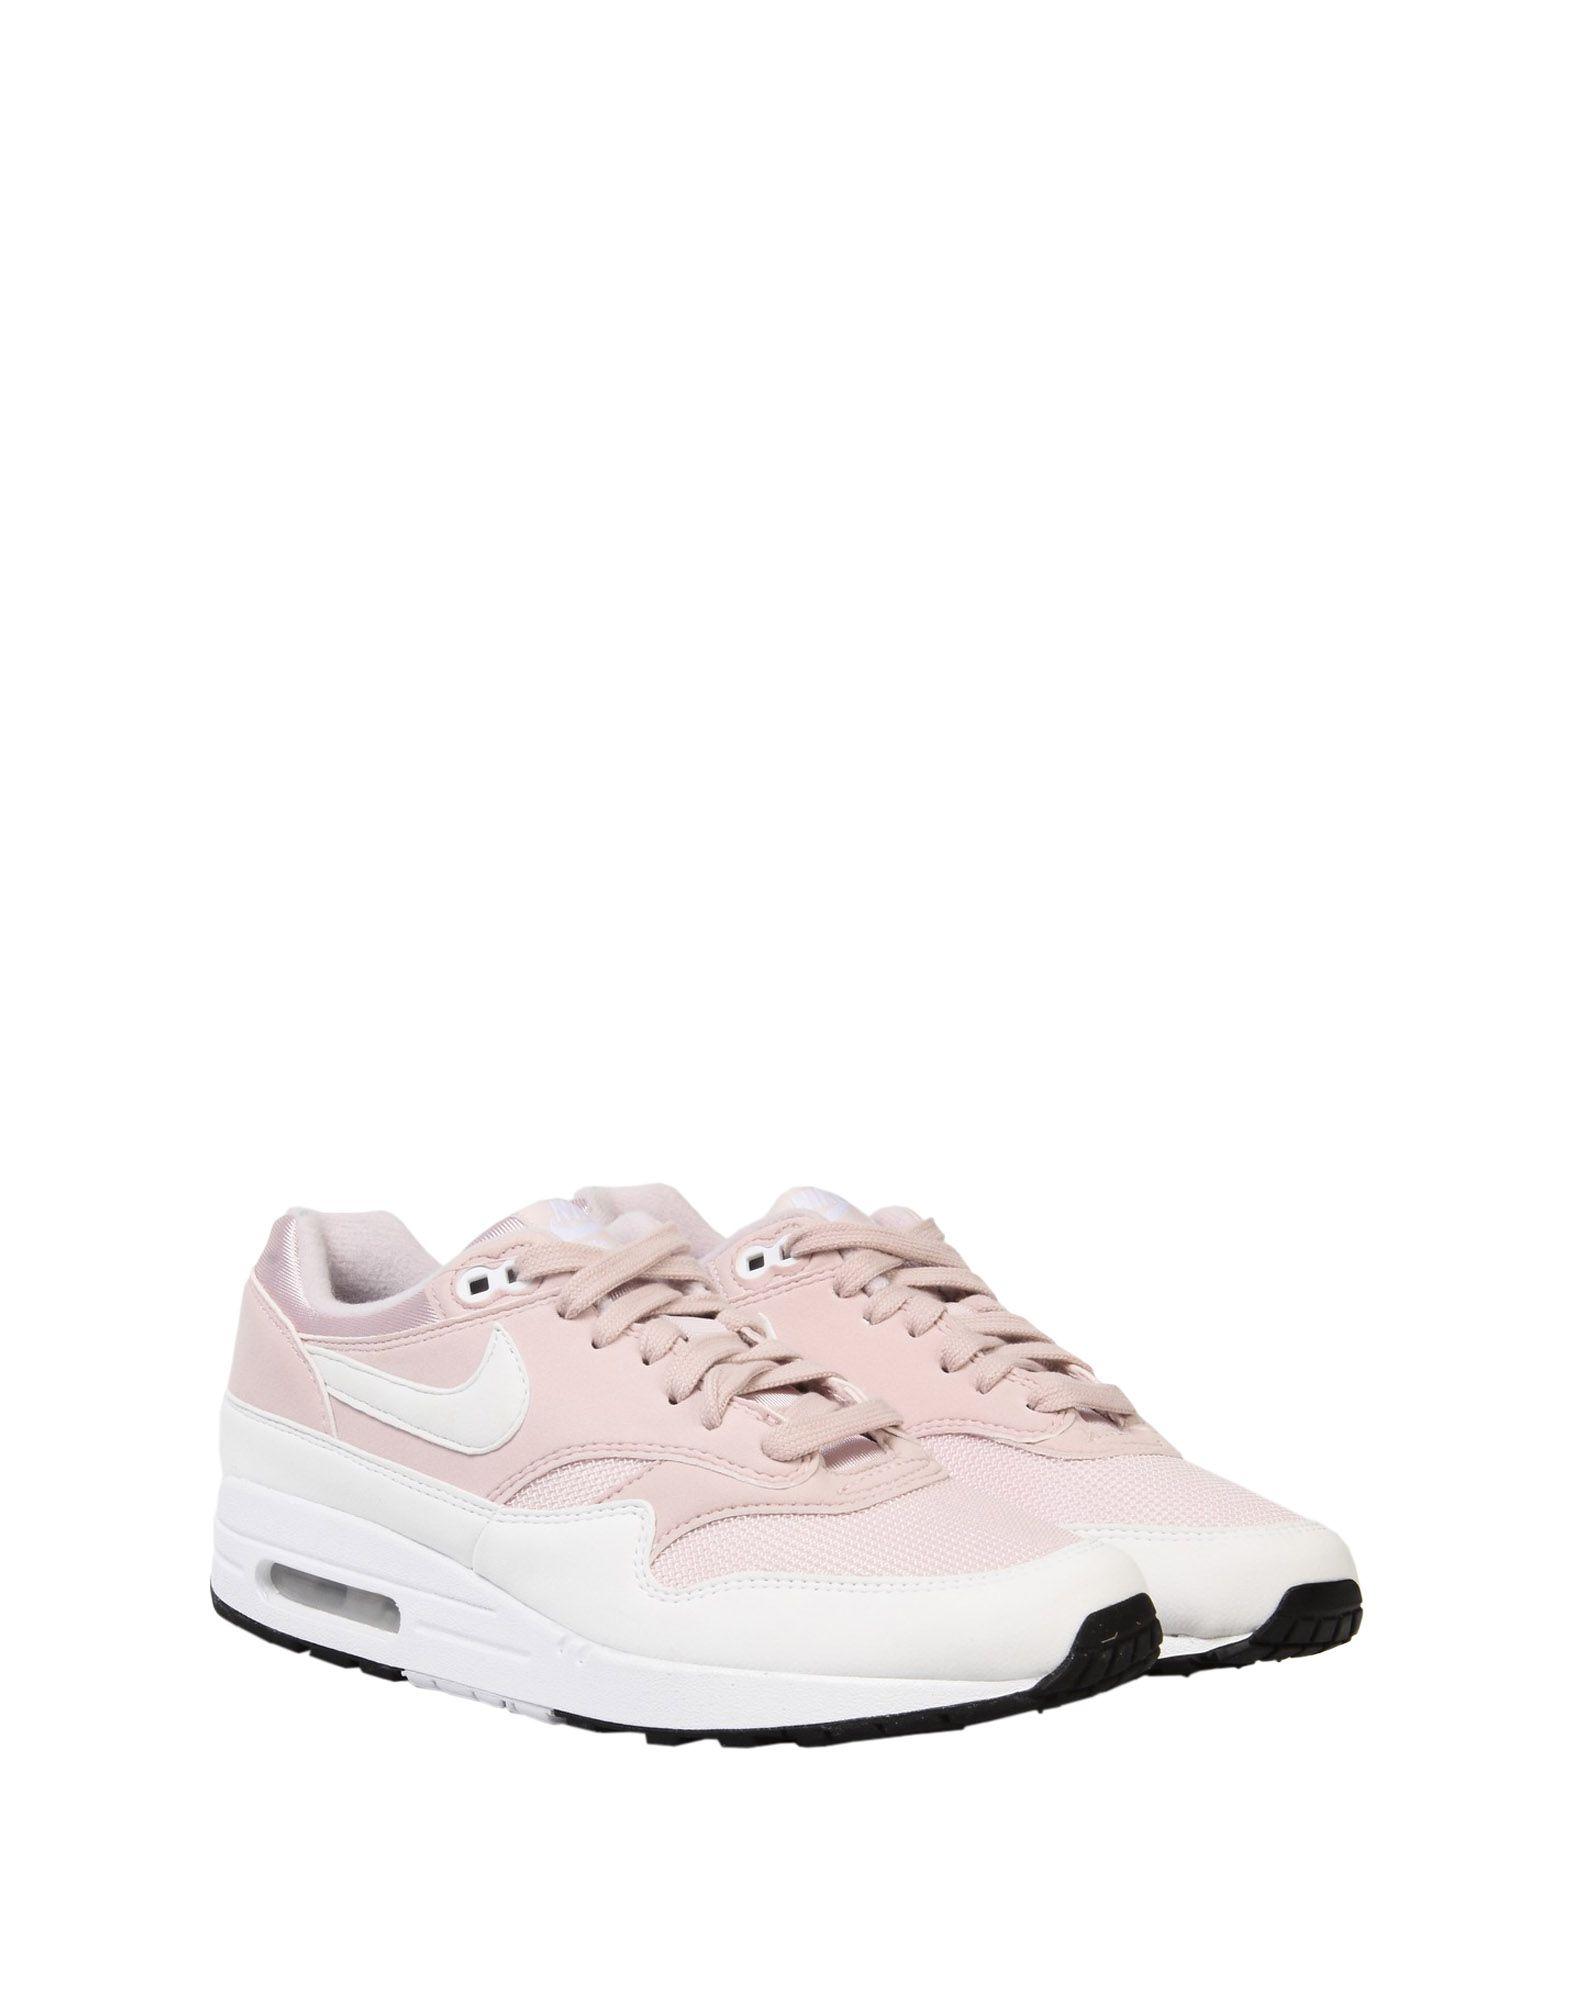 Stilvolle billige 1 Schuhe Nike Air Max 1 billige  11525964JV 0ef671